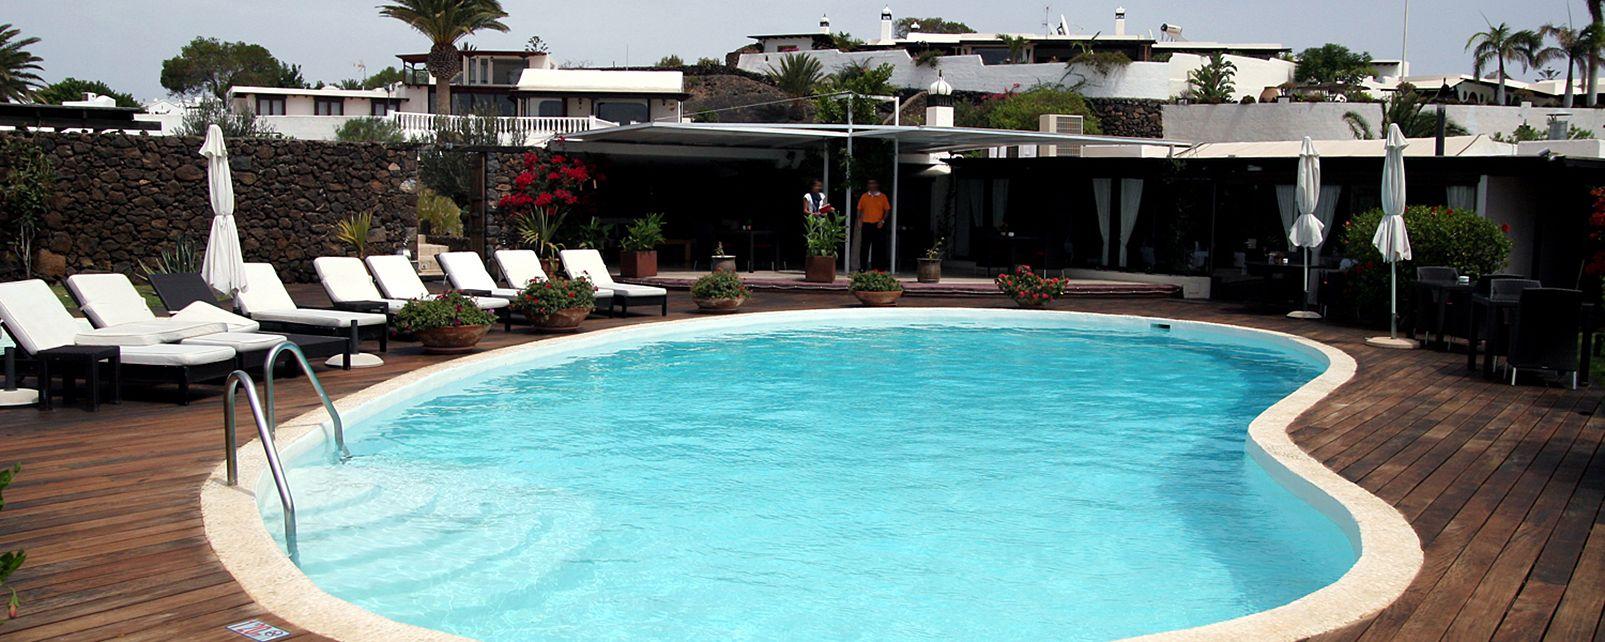 Hotel Villa Alondras